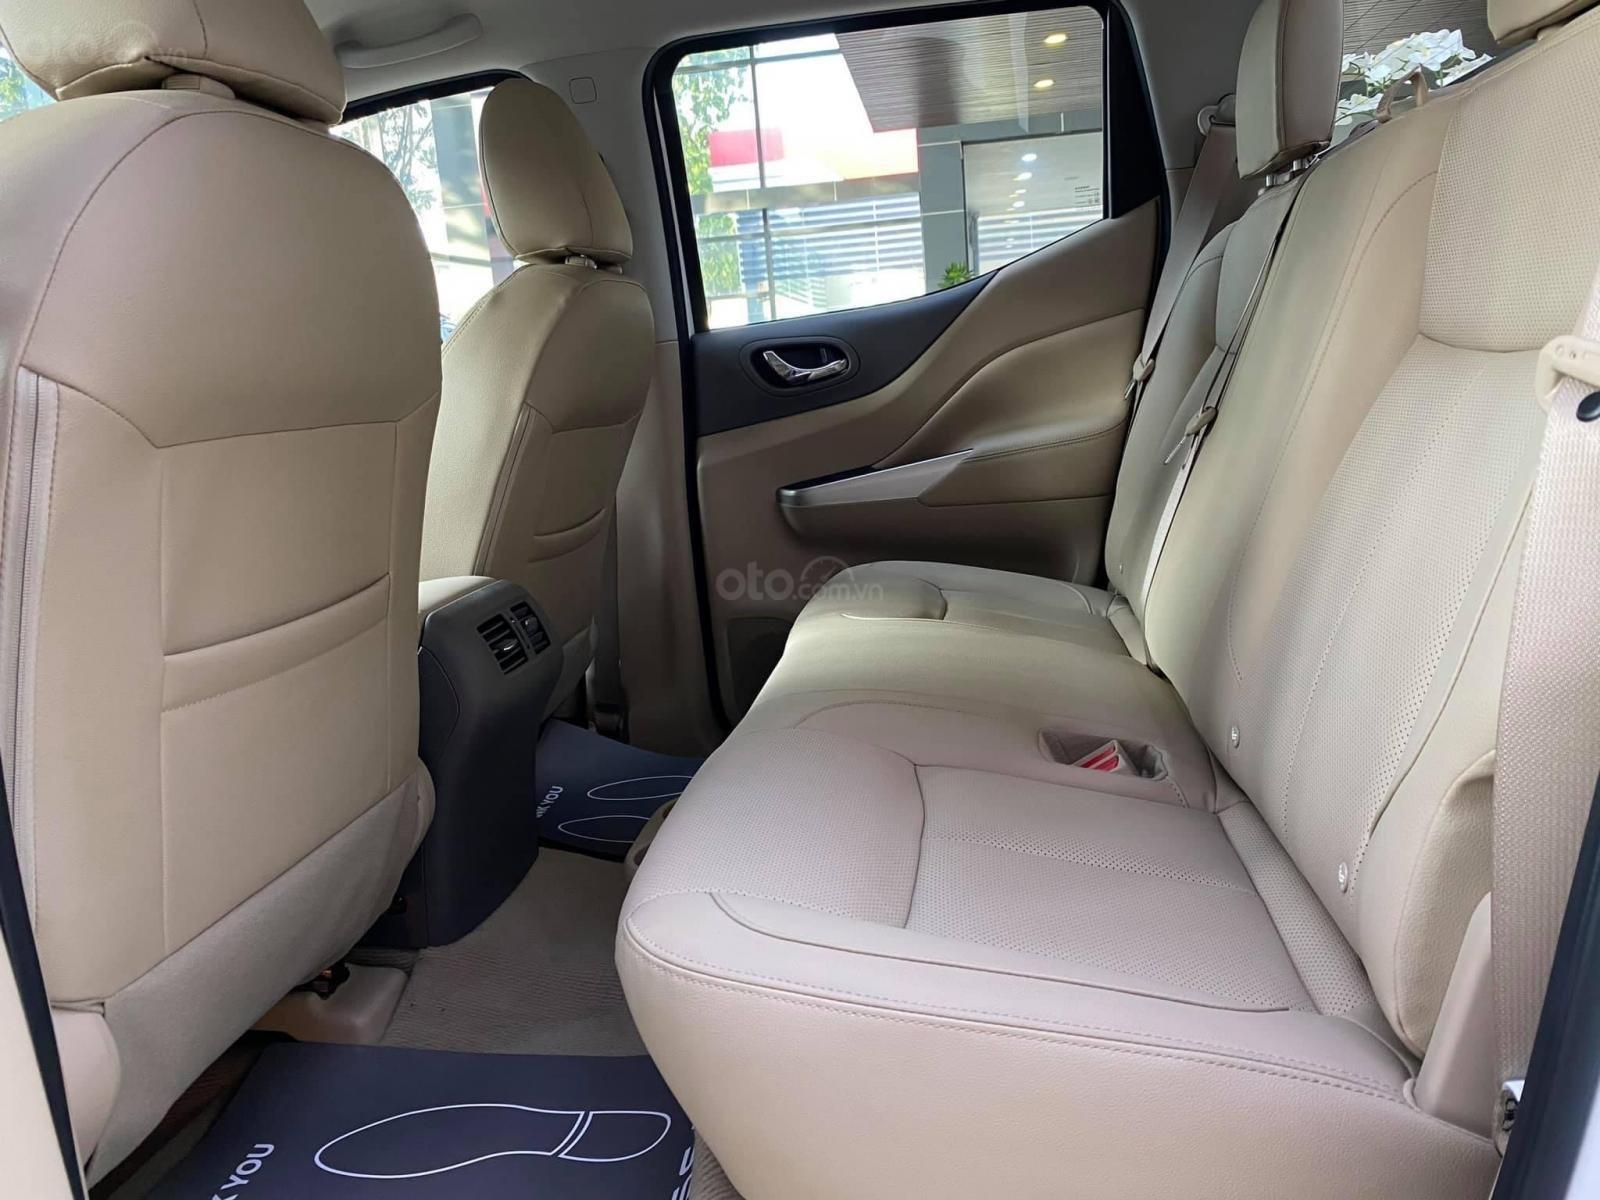 Nissan Navara El A-IVI 2020 đủ màu - Hỗ trợ vay ngân hàng 80% 200tr mang xe về (5)